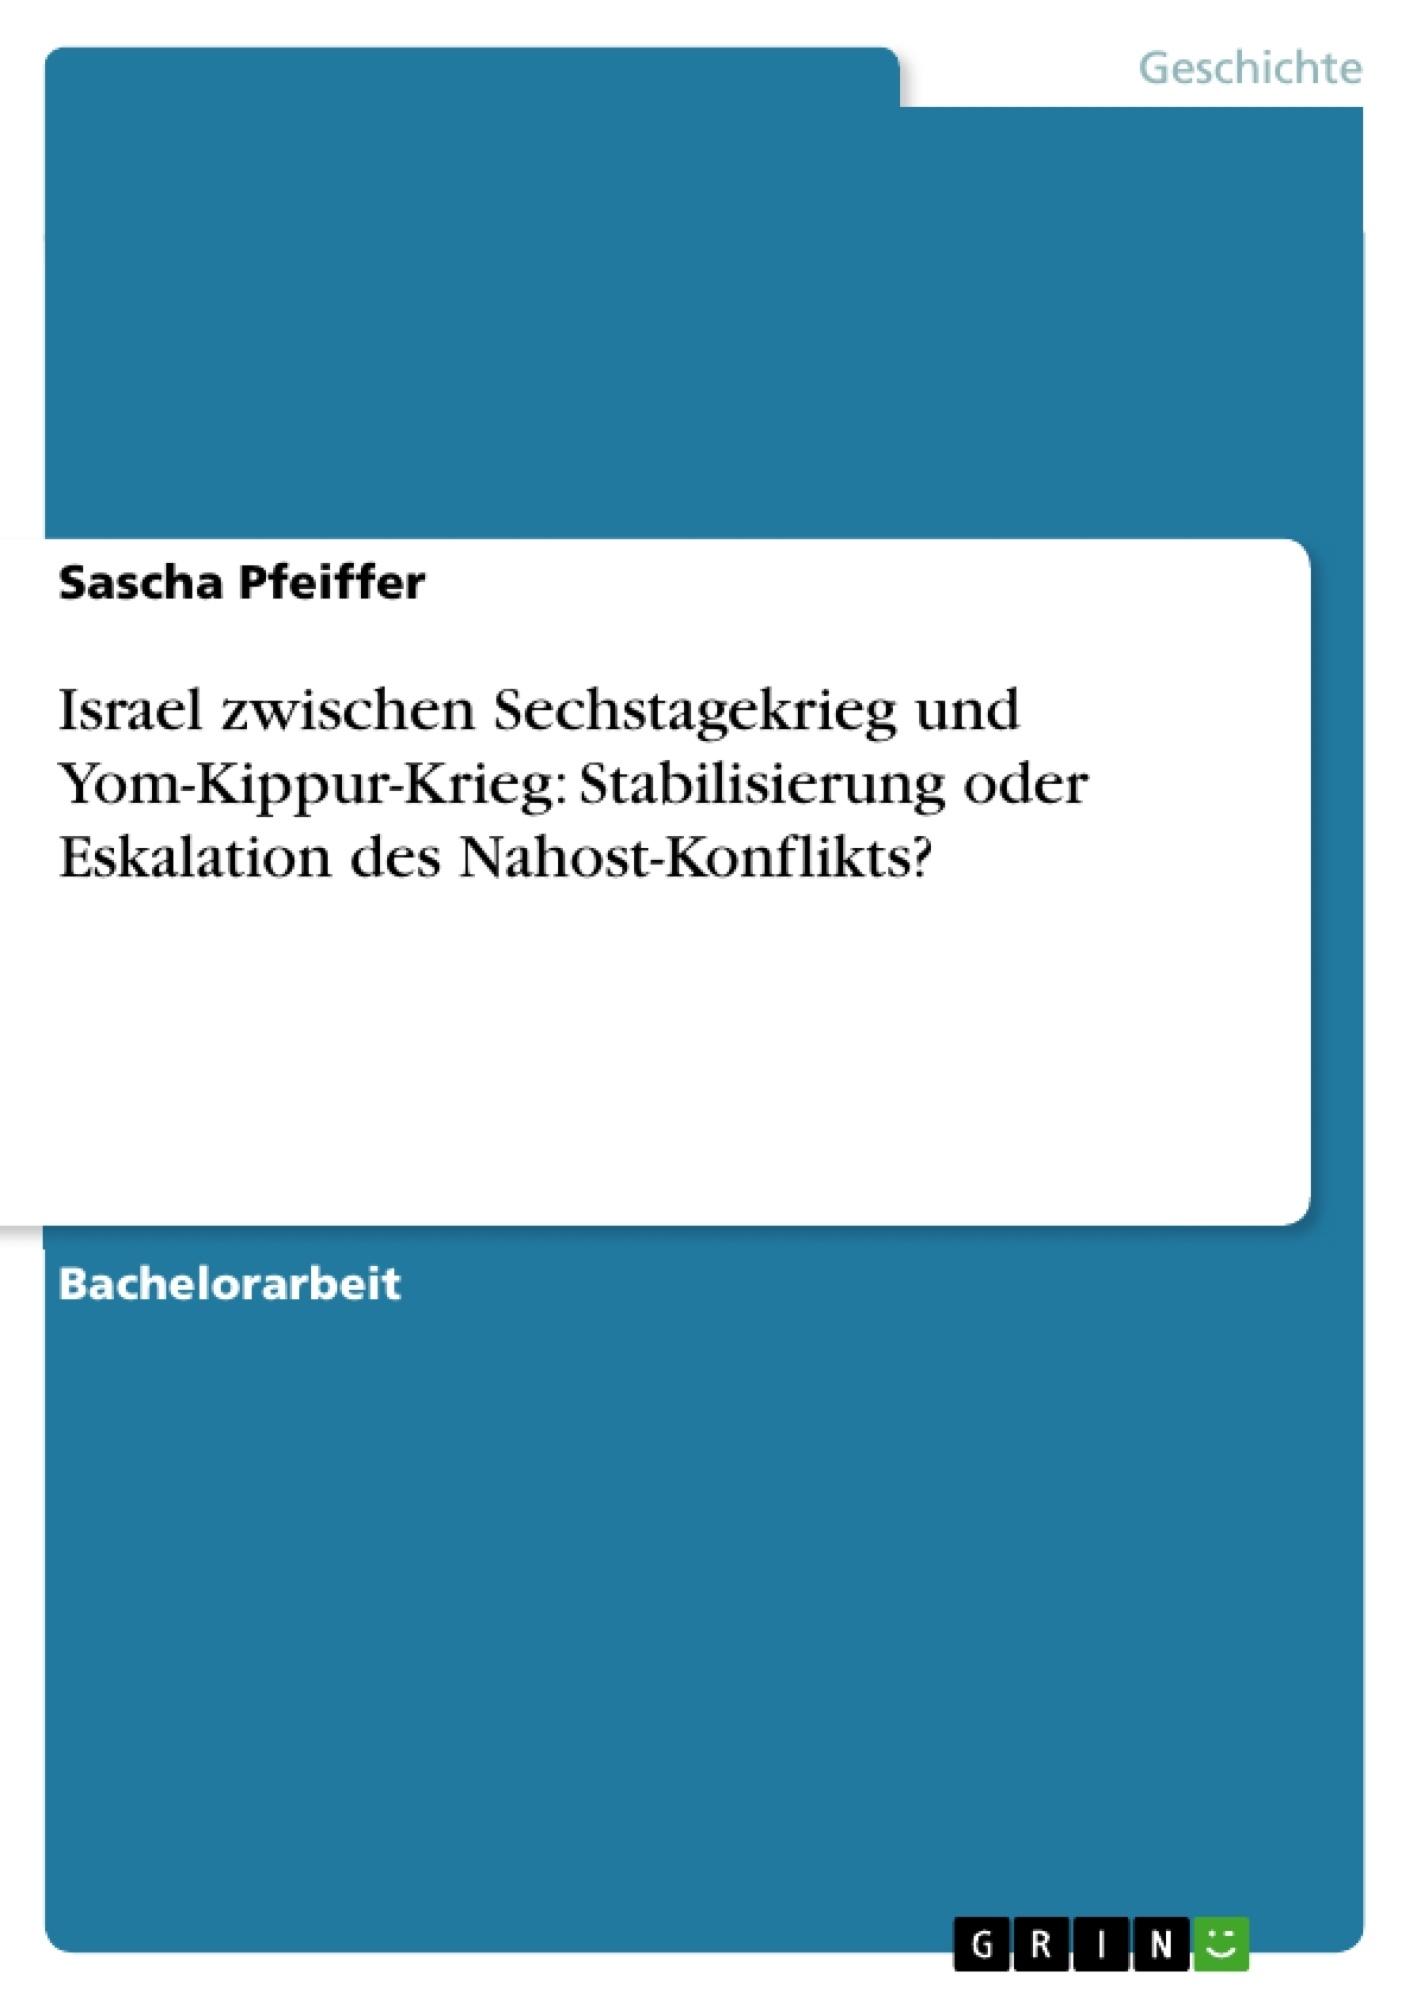 Titel: Israel zwischen Sechstagekrieg und Yom-Kippur-Krieg: Stabilisierung oder Eskalation des Nahost-Konflikts?